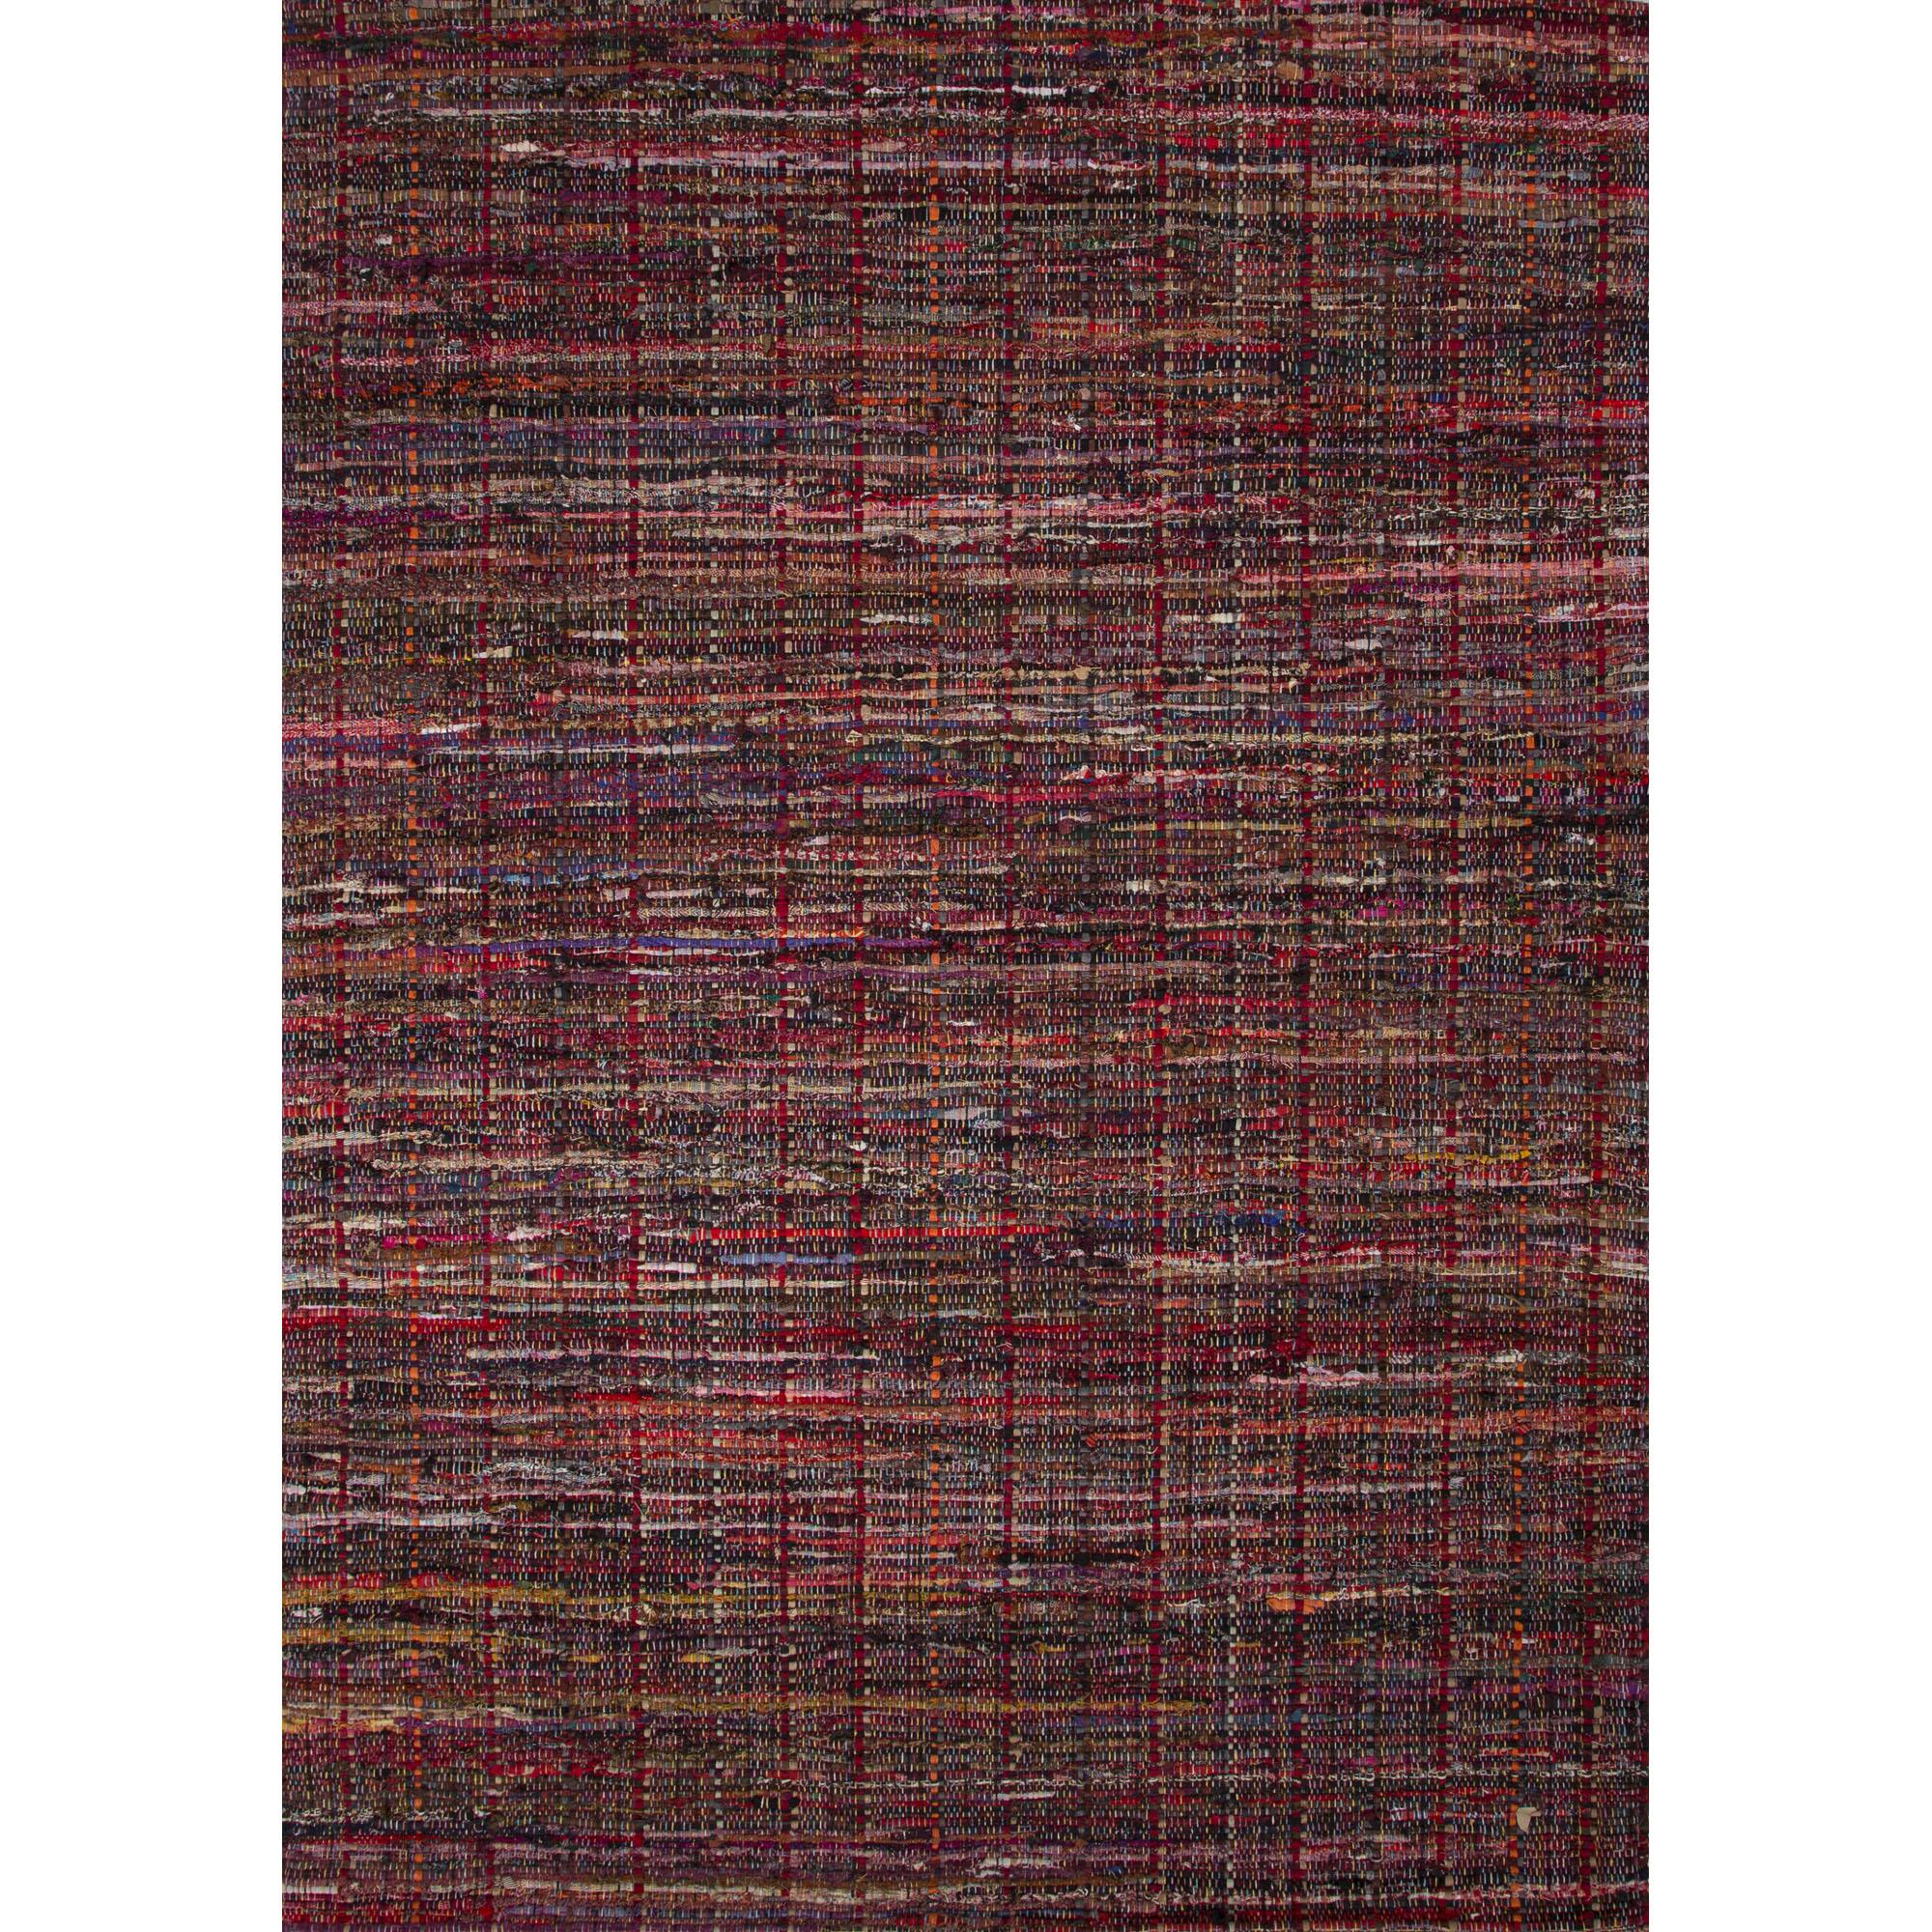 JAIPUR Rugs Madison By Rug Republic 8 x 10 Rug - Item Number: RUG124543